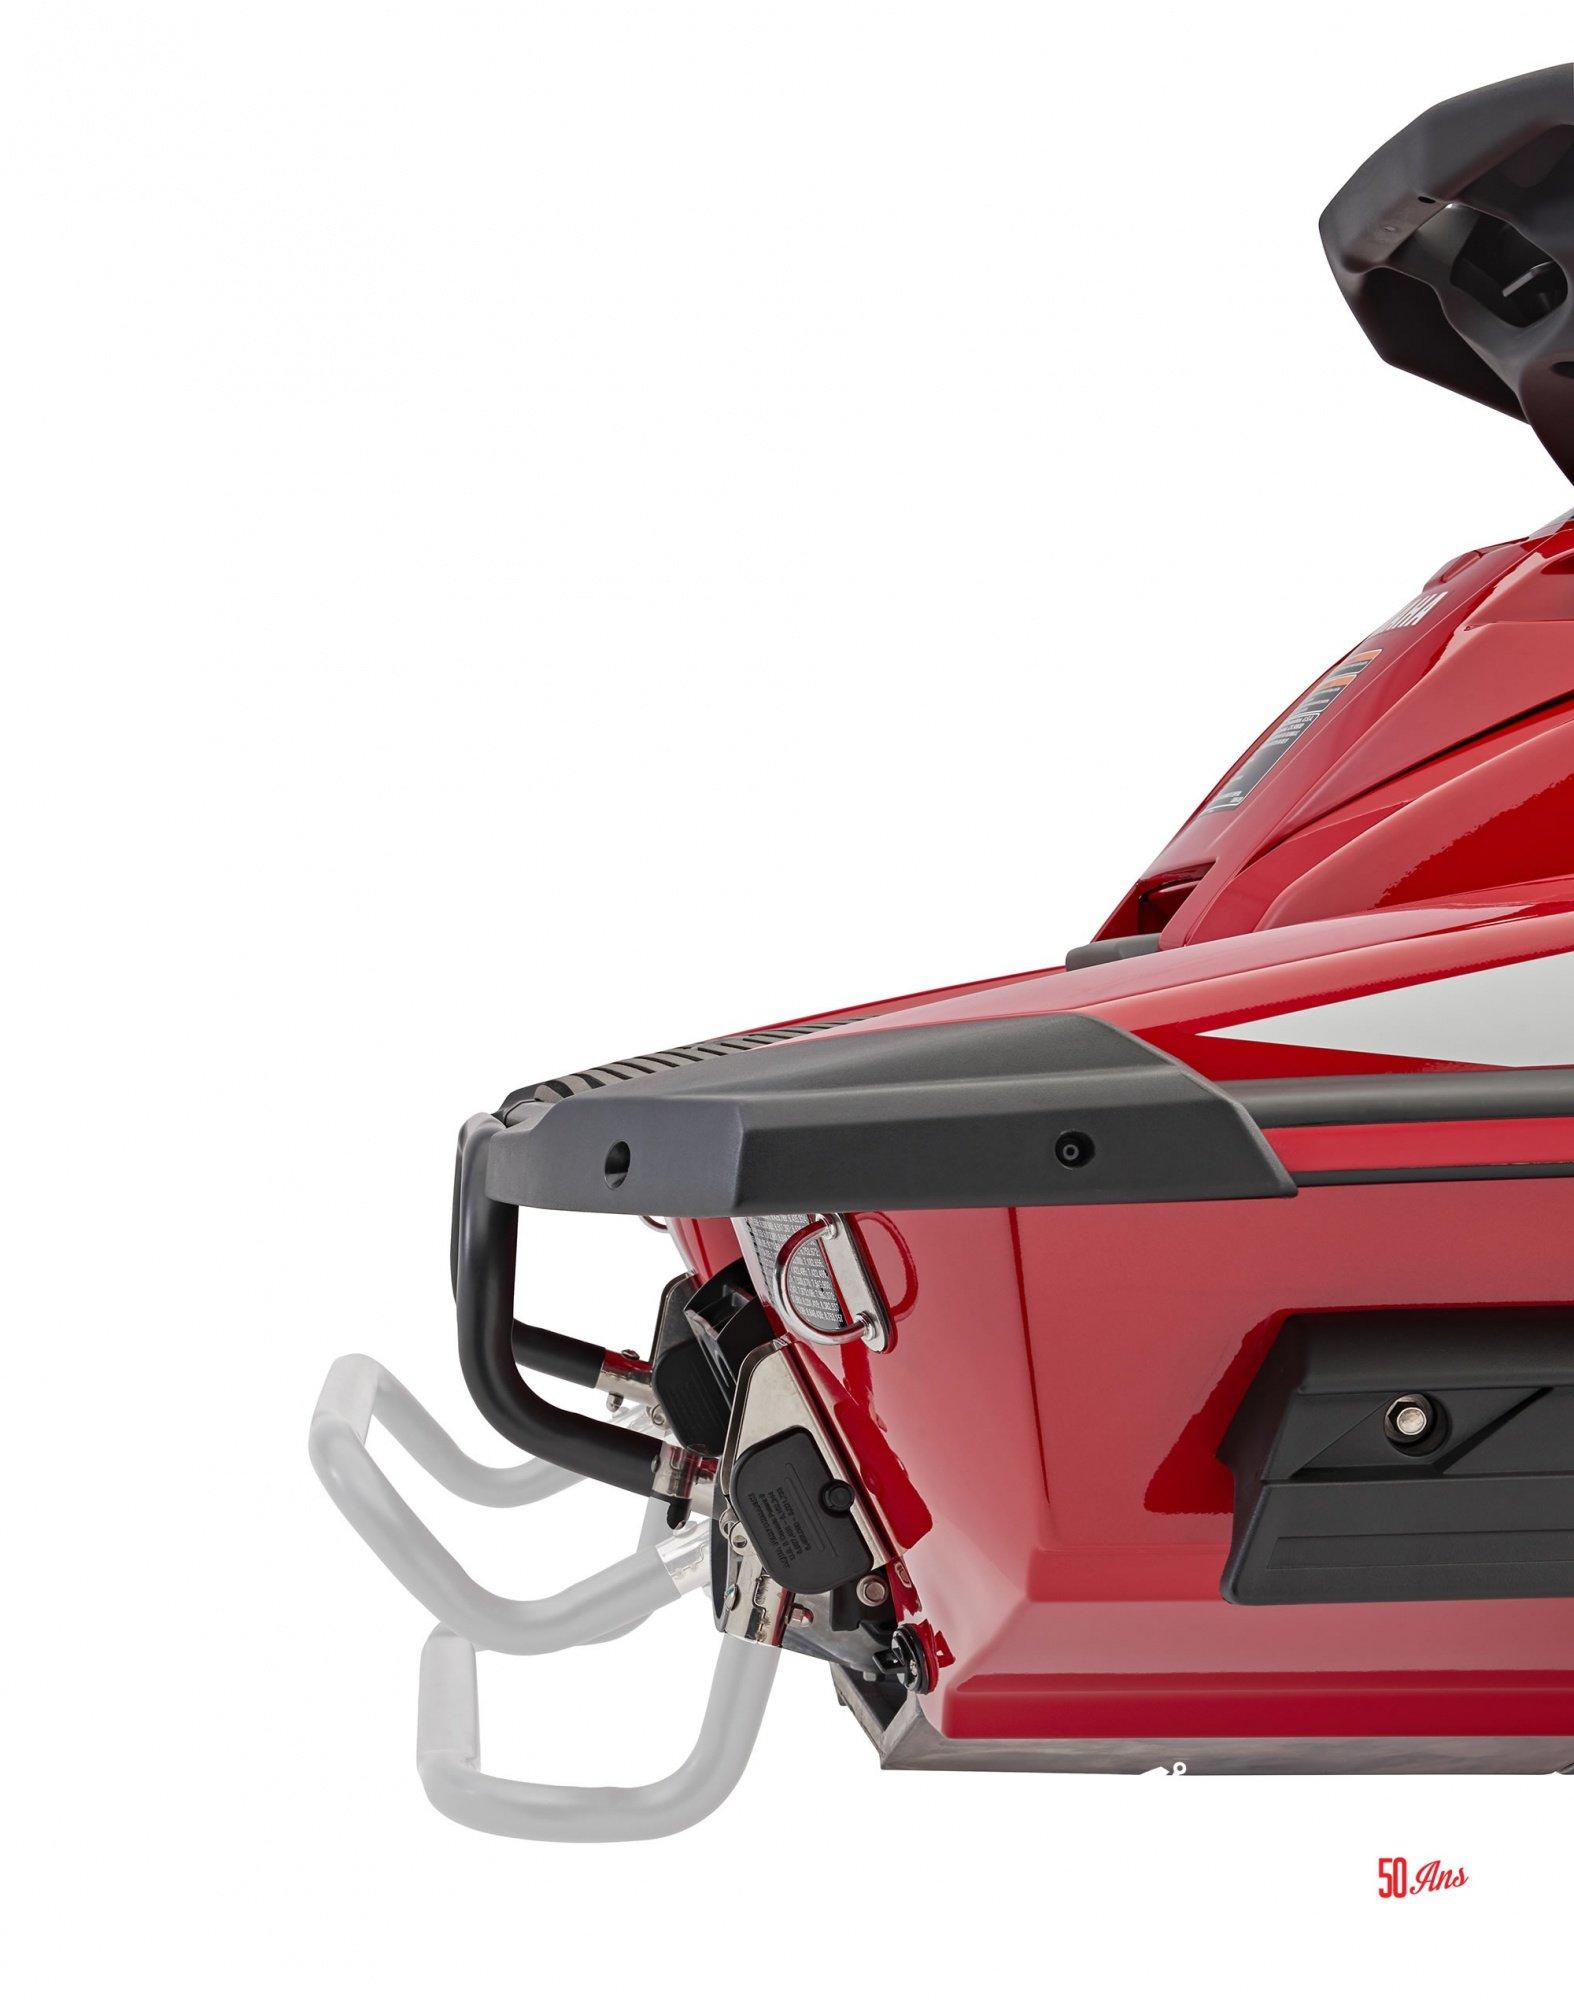 Yamaha FX SVHO - 2018-FX-SVHO-Red-Reboarding-Step-1_l